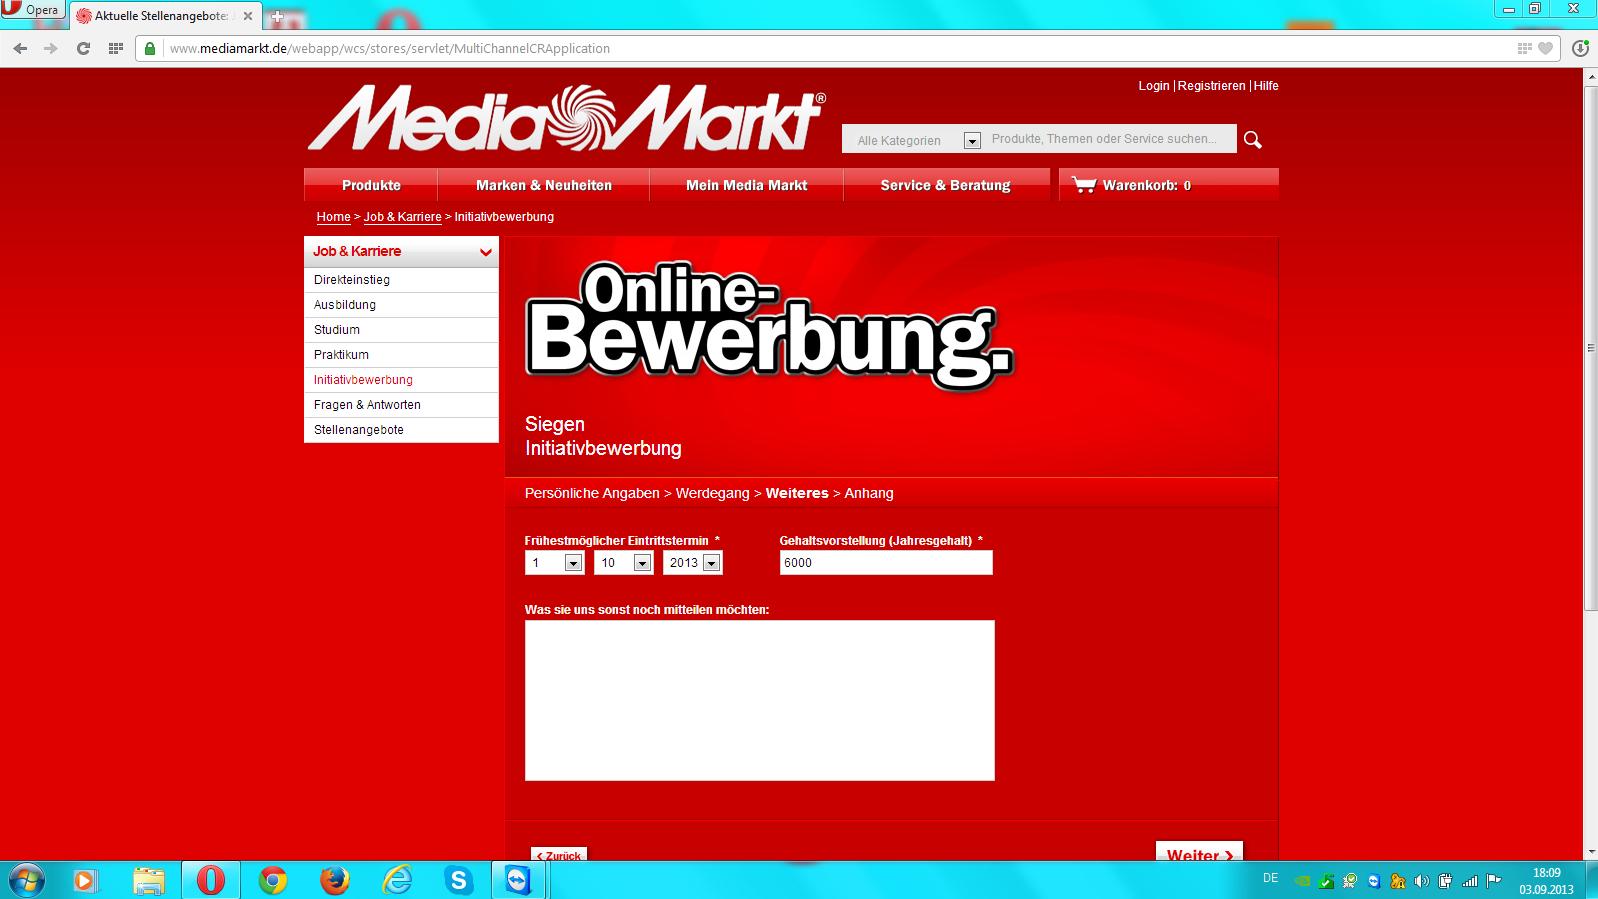 online bewerbung bitte um hilfe media markt - Autovision Online Bewerbung